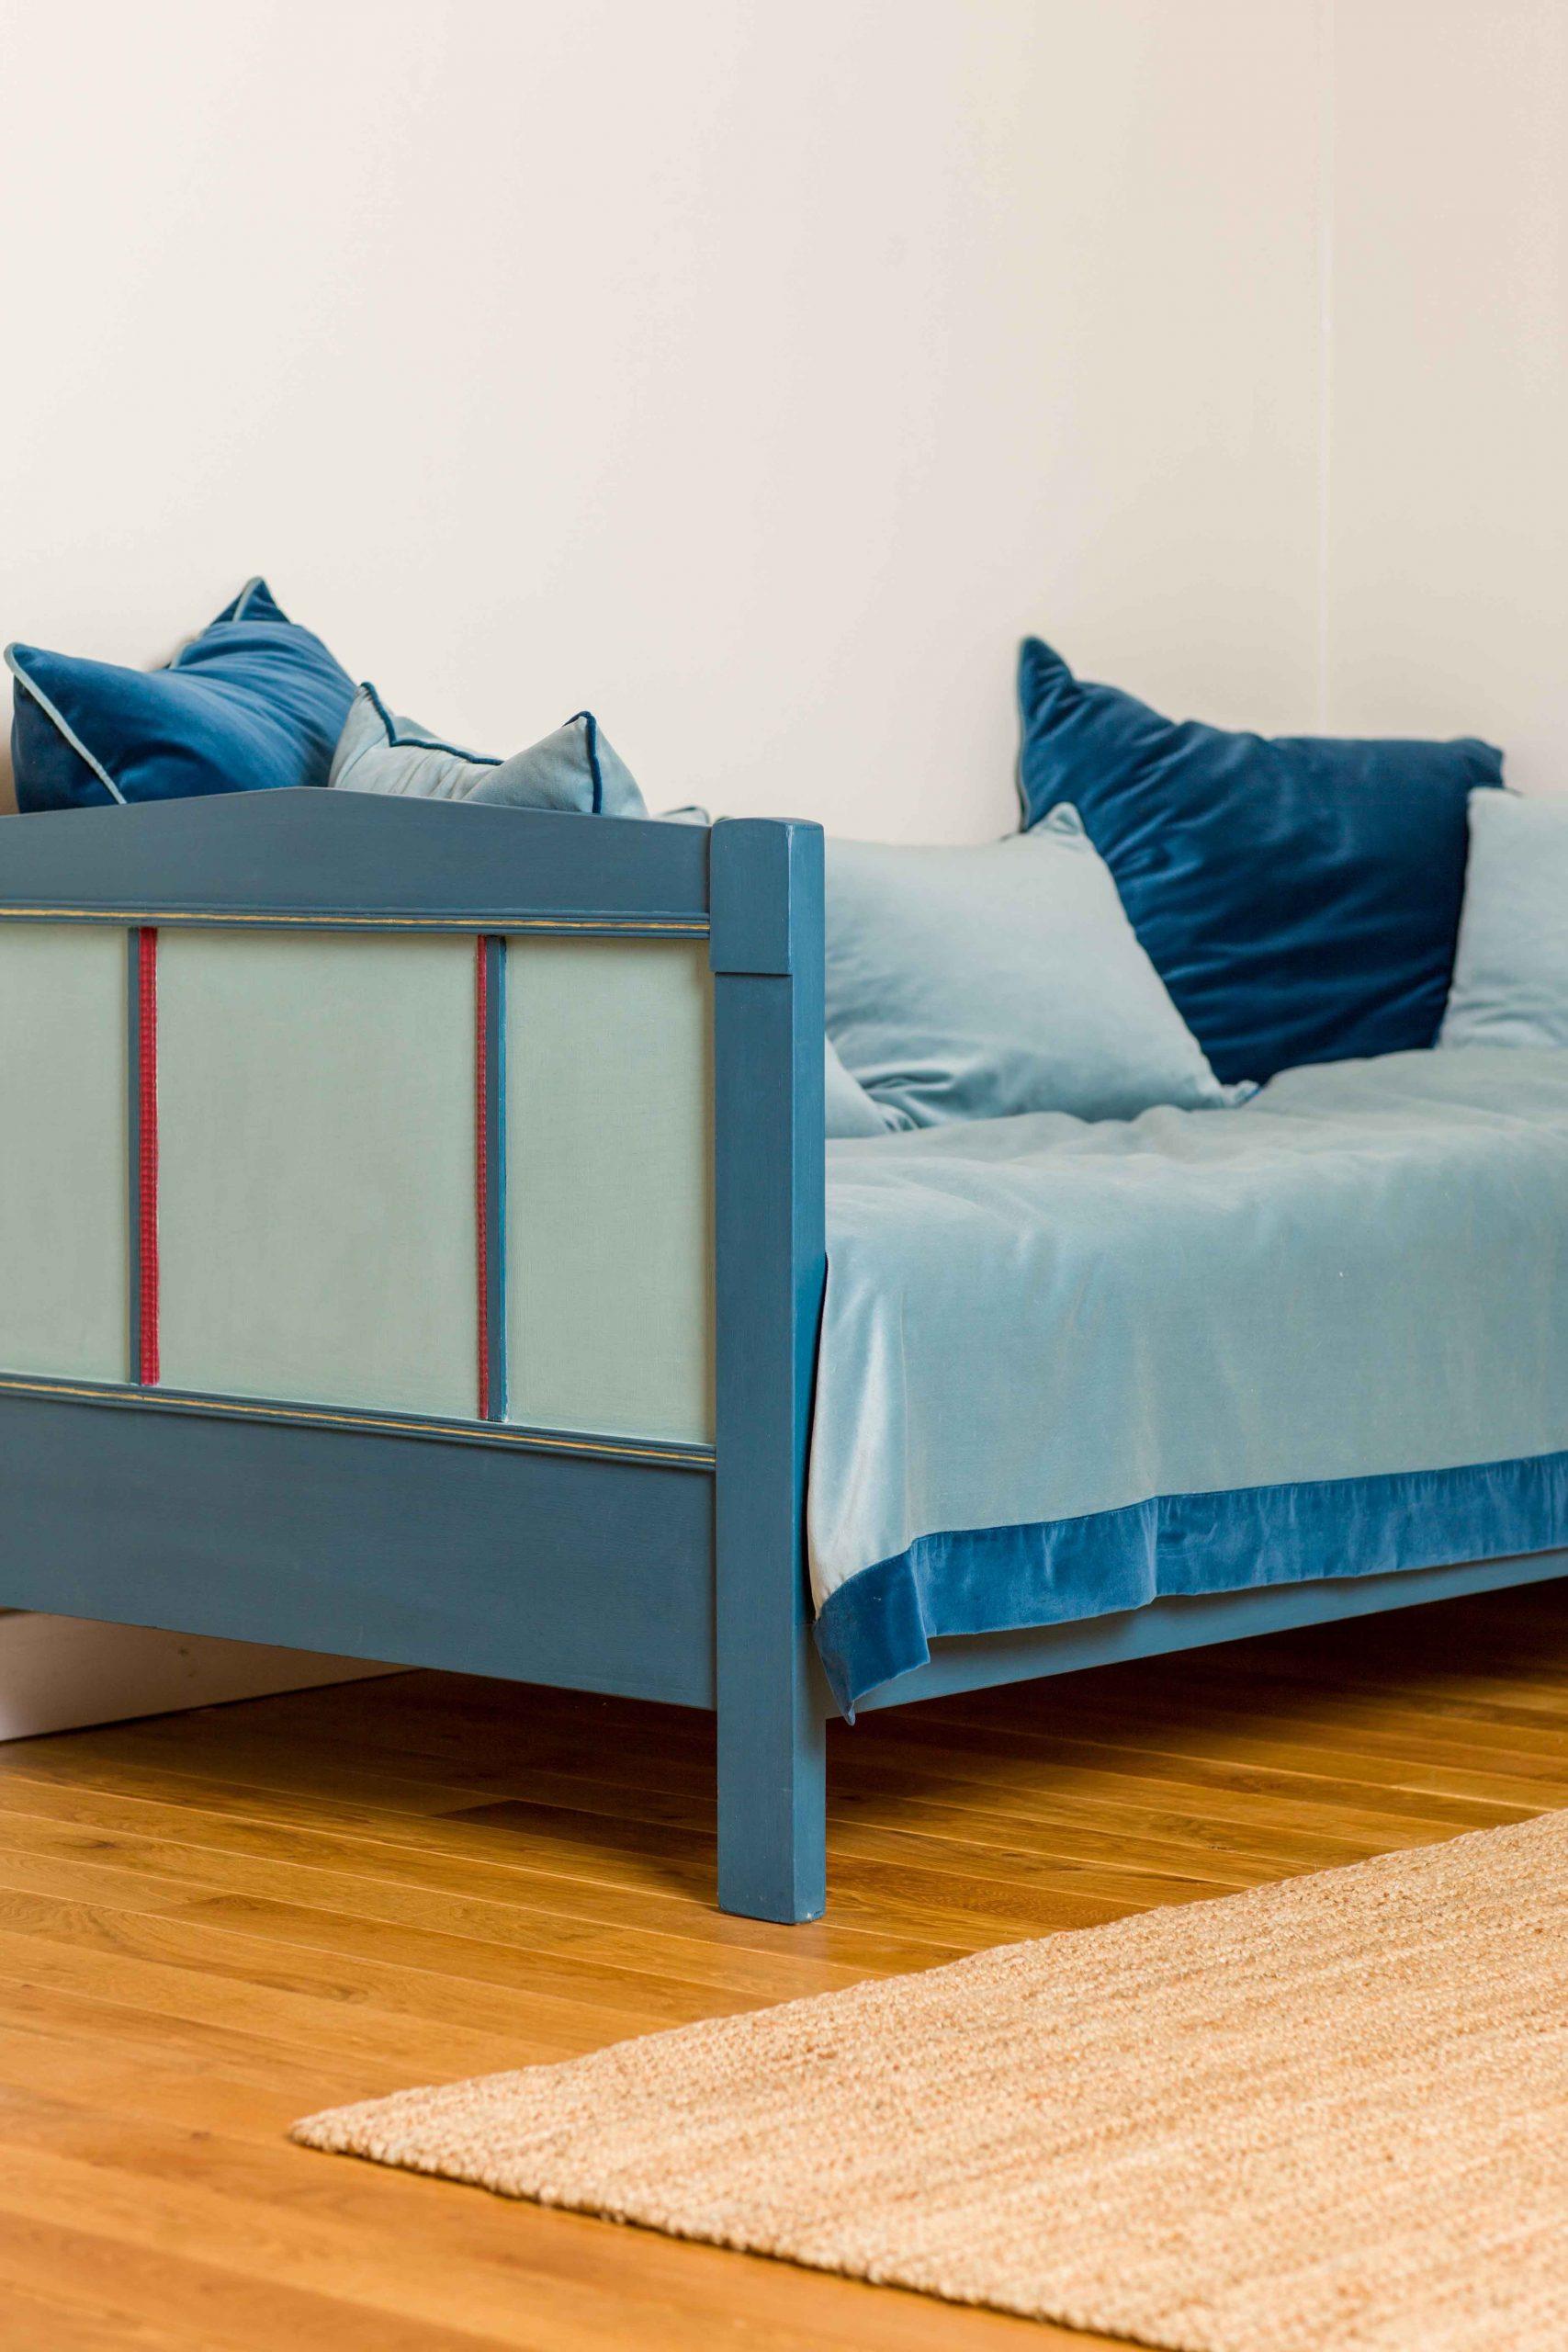 Full Size of Altes Bett In Kreide Emulsion Gestrichen Mbel Anstreichen Paradies Betten Nussbaum 180x200 140x220 140 X 200 Günstig Kaufen Platzsparend 140x200 Billerbeck Bett Altes Bett